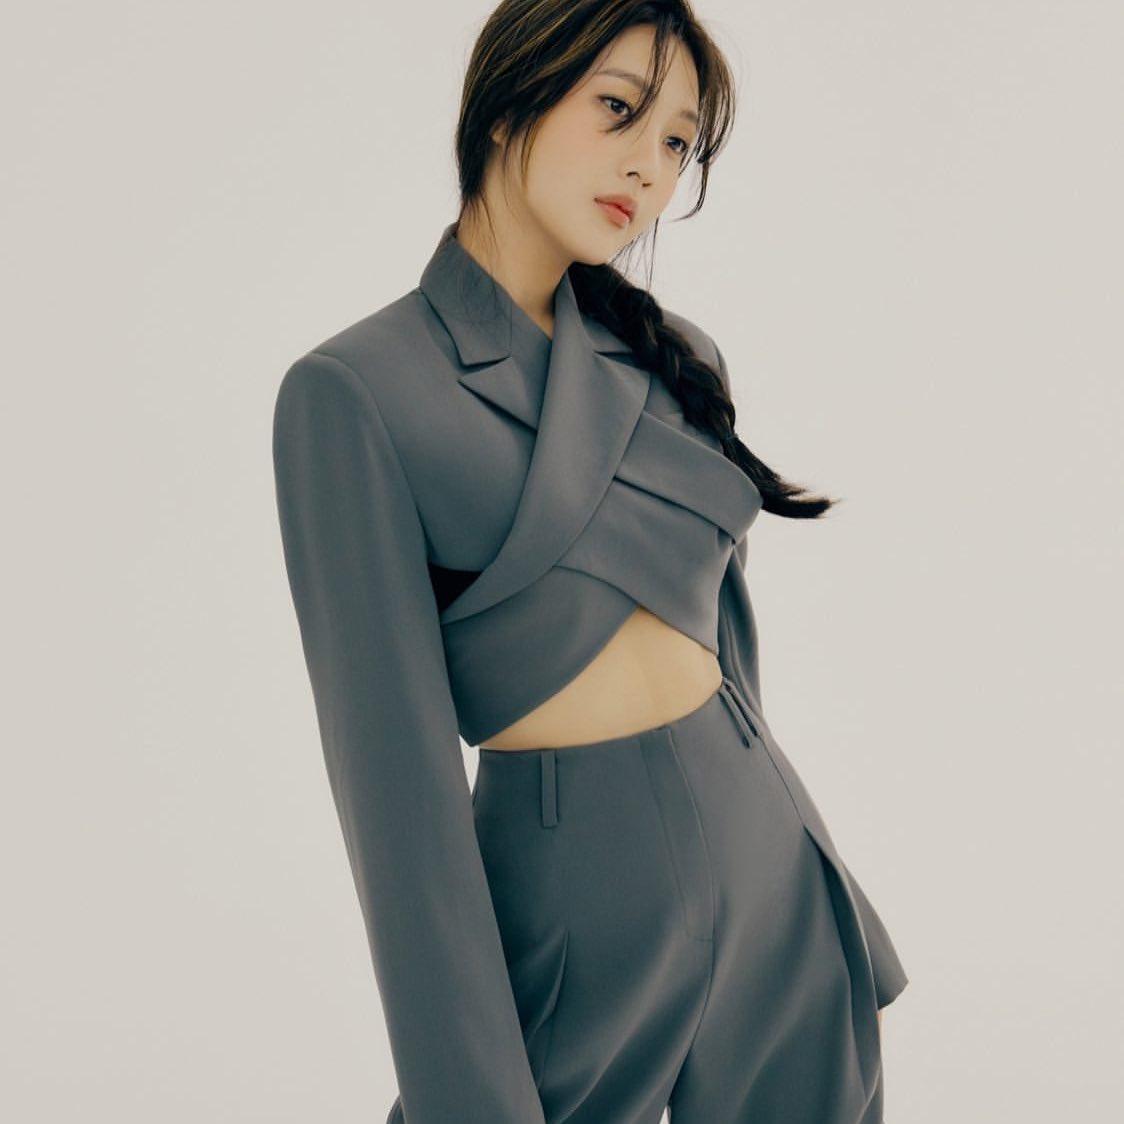 Joy (Red Velvet) bị chỉ trích vì liên tục bắt chước Jennie (Black Pink)